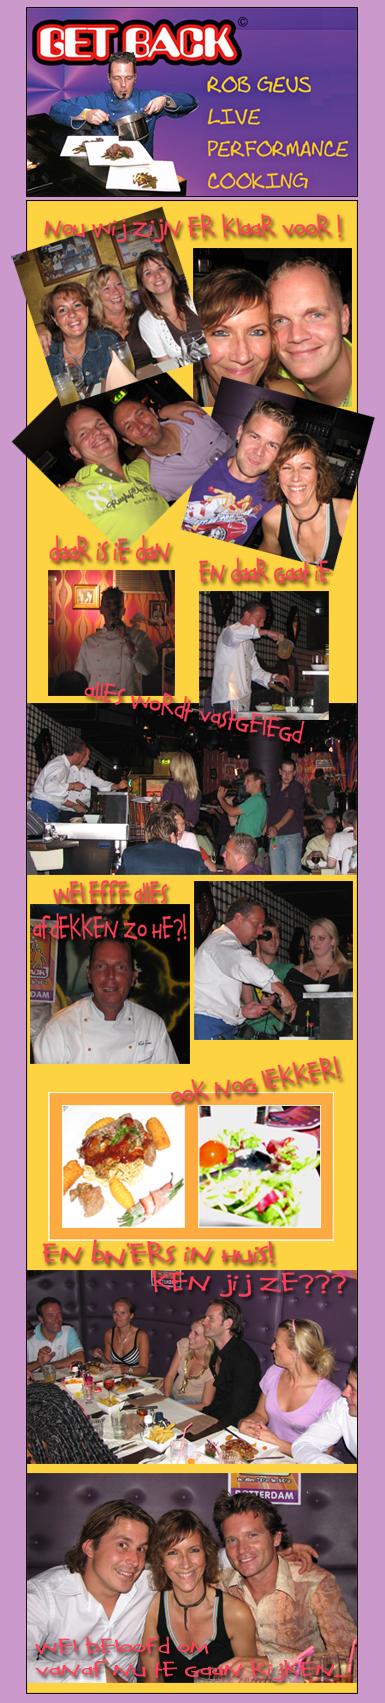 Meneer de smaakpolitie-agent Rob Geus, een avondje aan de kook in de Rotterdamse Get Back !